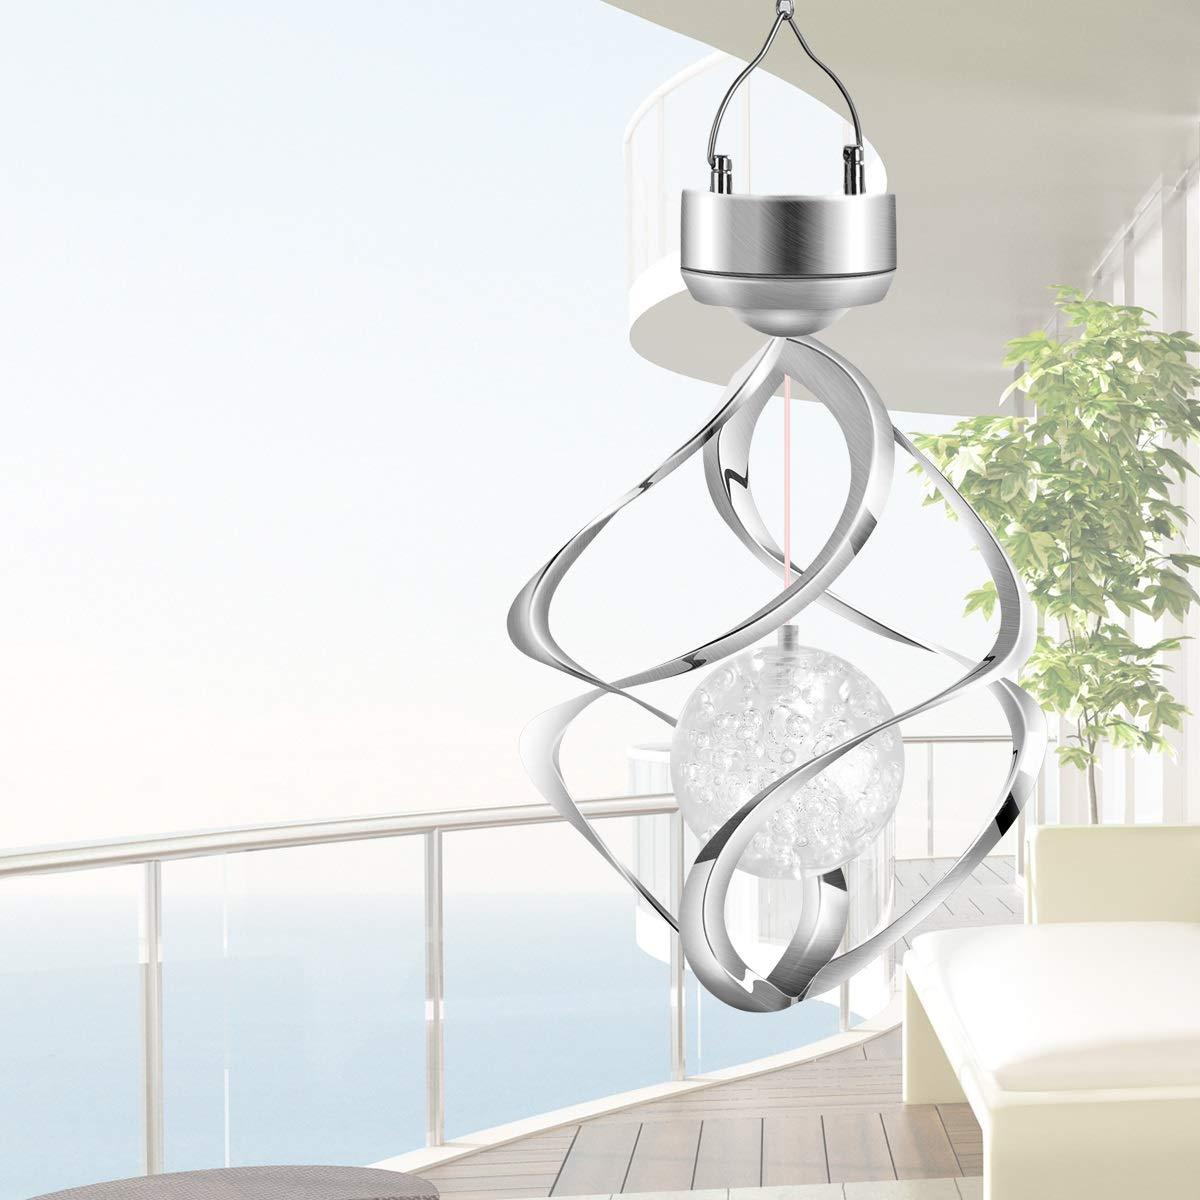 Spiral-Spinner-H/ängelampe f/ür den Gartenterrassenbalkon Outdoor-Innendesign-Dekor wasserdichte Windspiele mit LED-Farbwechsel Haokaini Drehbare Solar-H/ängelampen